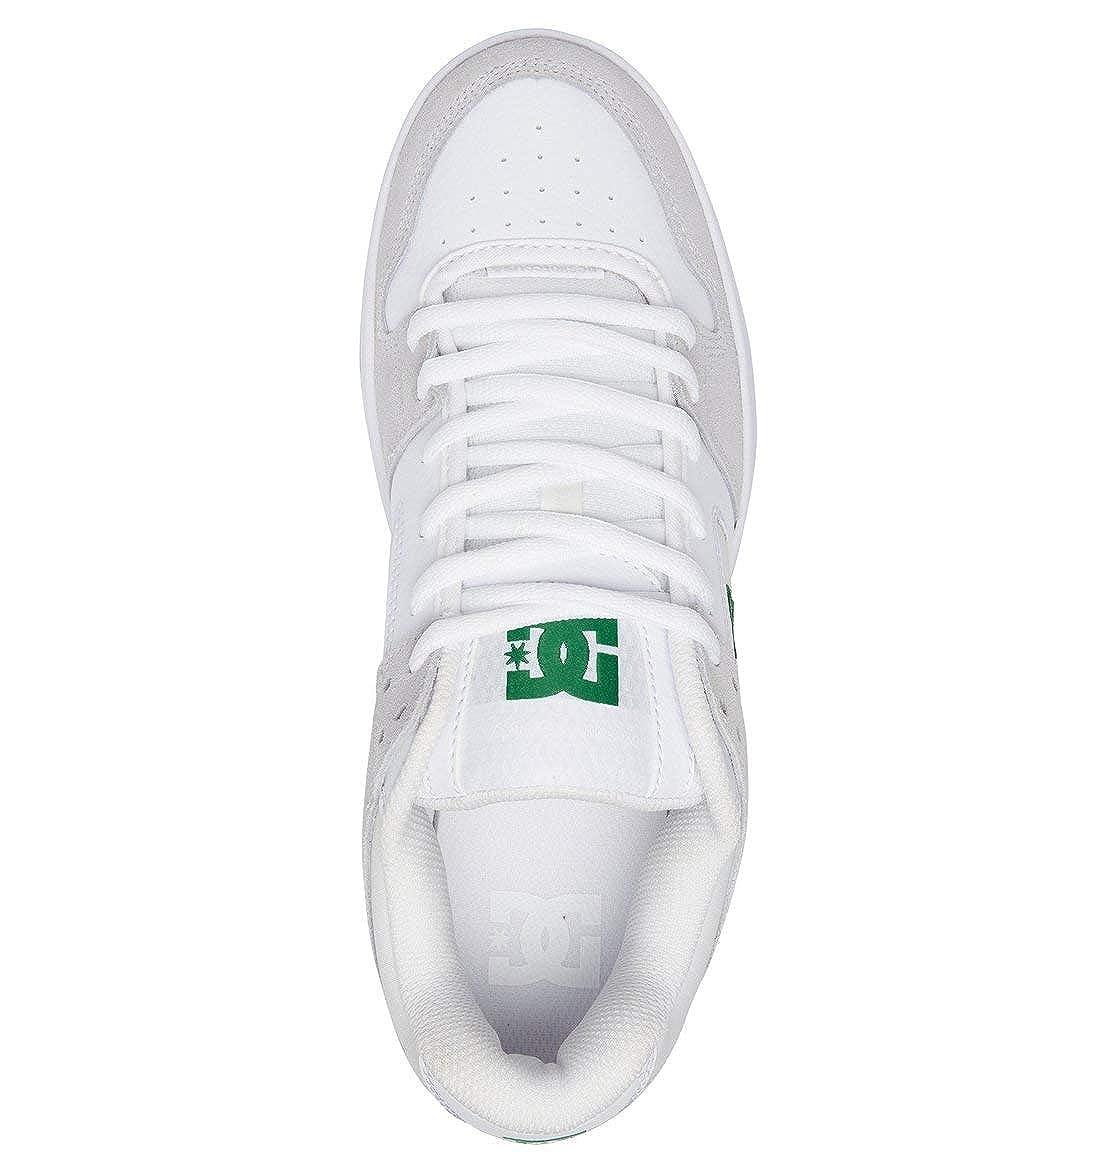 11c9bb0f1c540 DC Shoes Mens Shoes Manteca - Shoes Adys100177